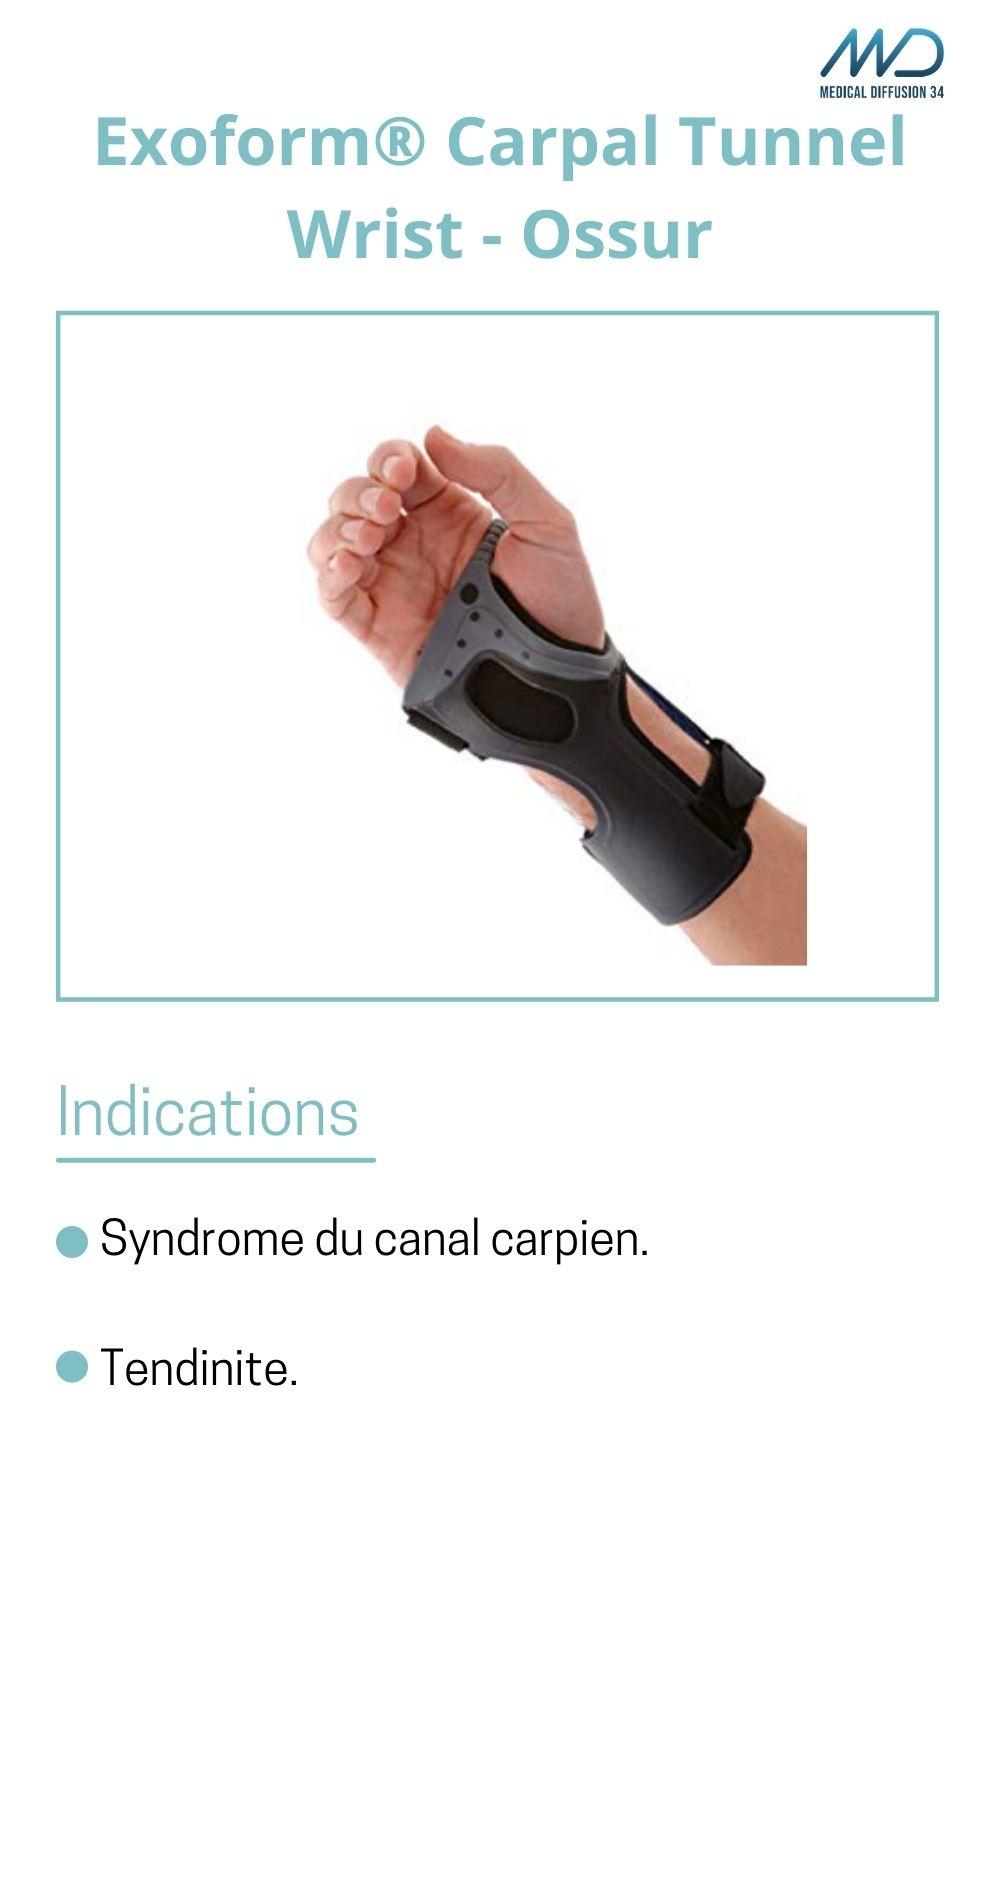 Exoform Carpal Tunnel Wrist - Ossur - orthèse de poignet - espace md santé